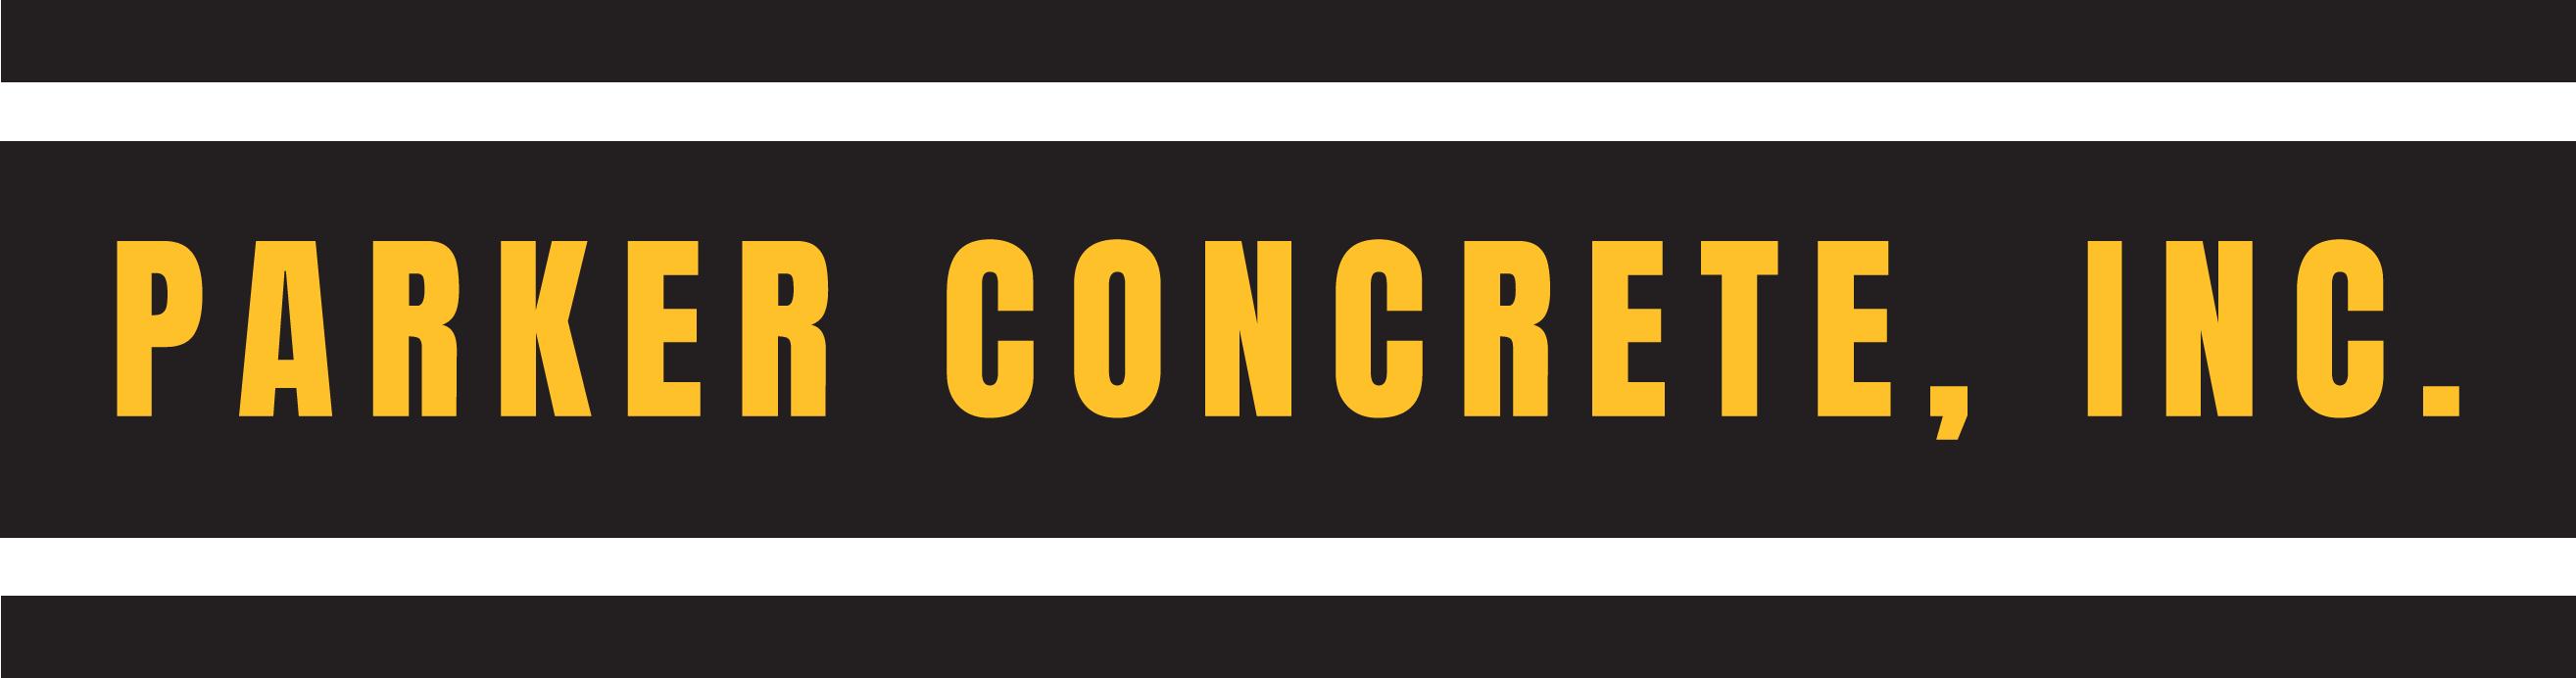 Parker Concrete